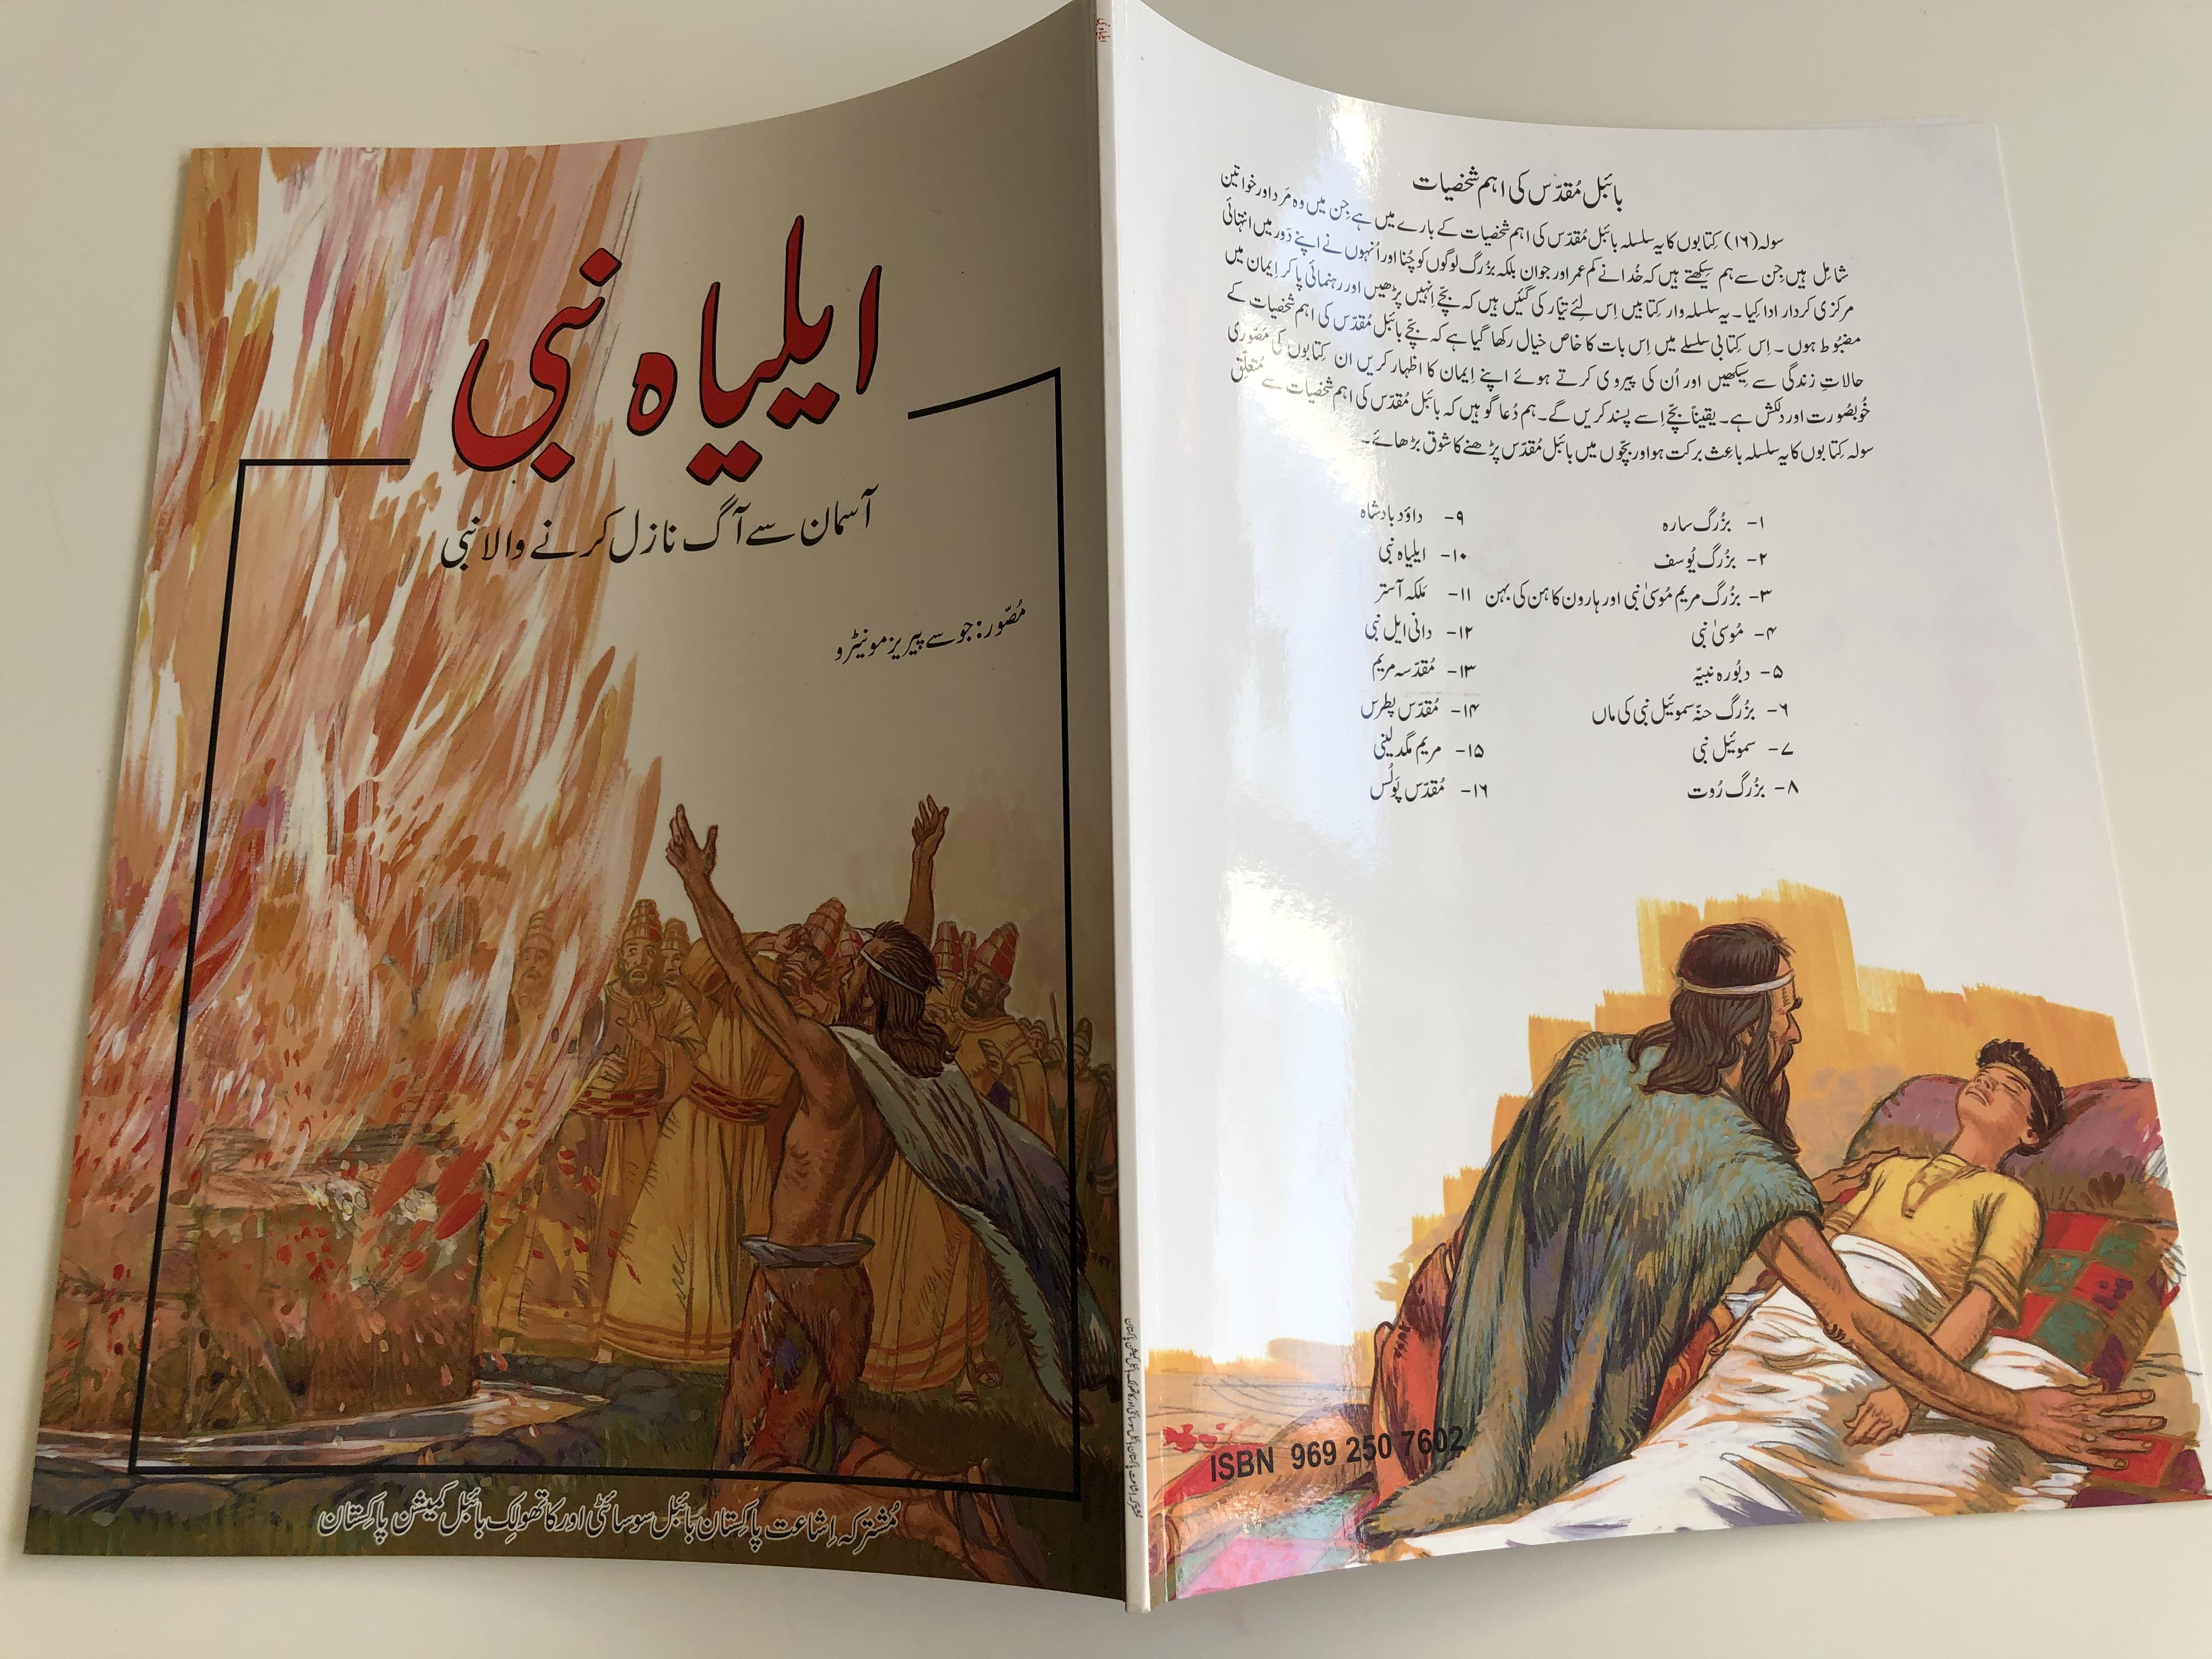 elijah-prophet-of-fire-urdu-language-children-s-illustrated-bible-story-book-12.jpg